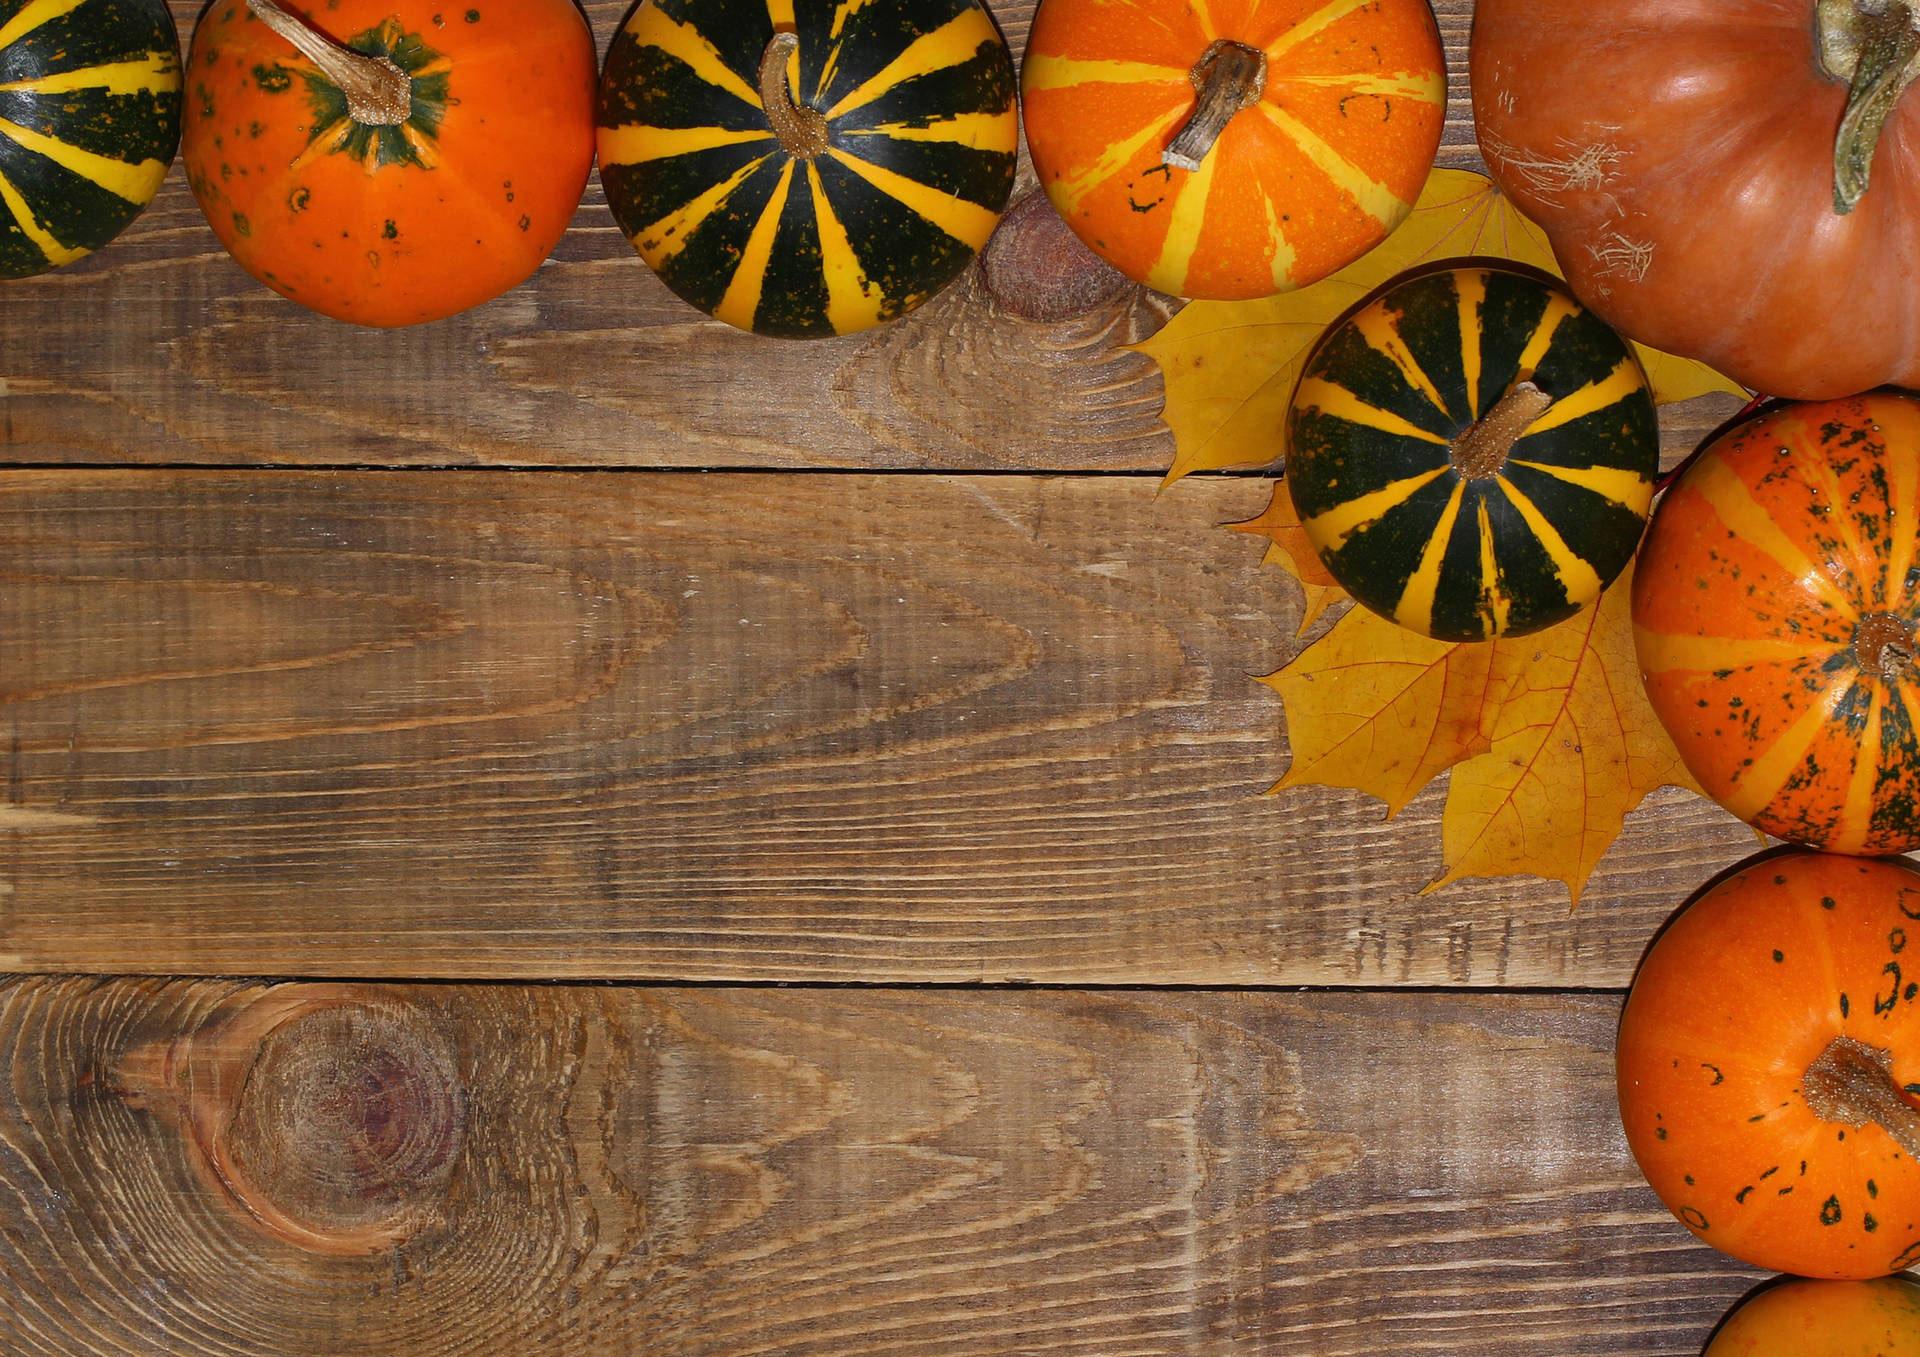 Autumn Background for October Digital Signage